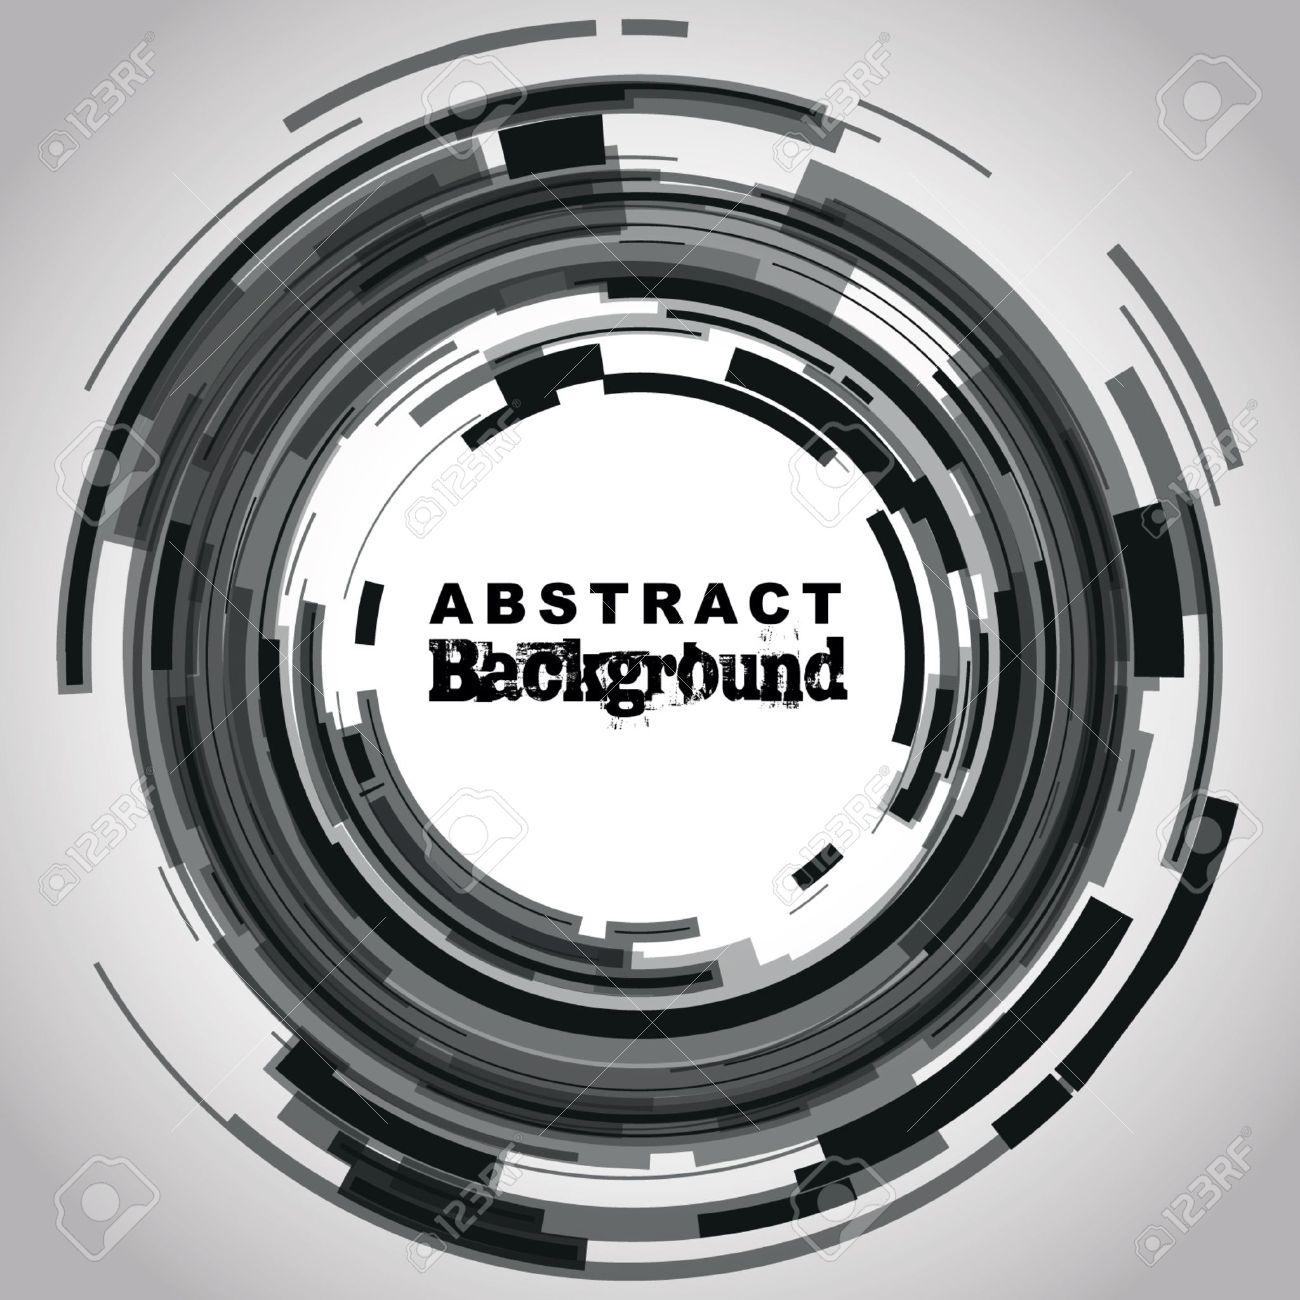 abstract camera lens - 16254620